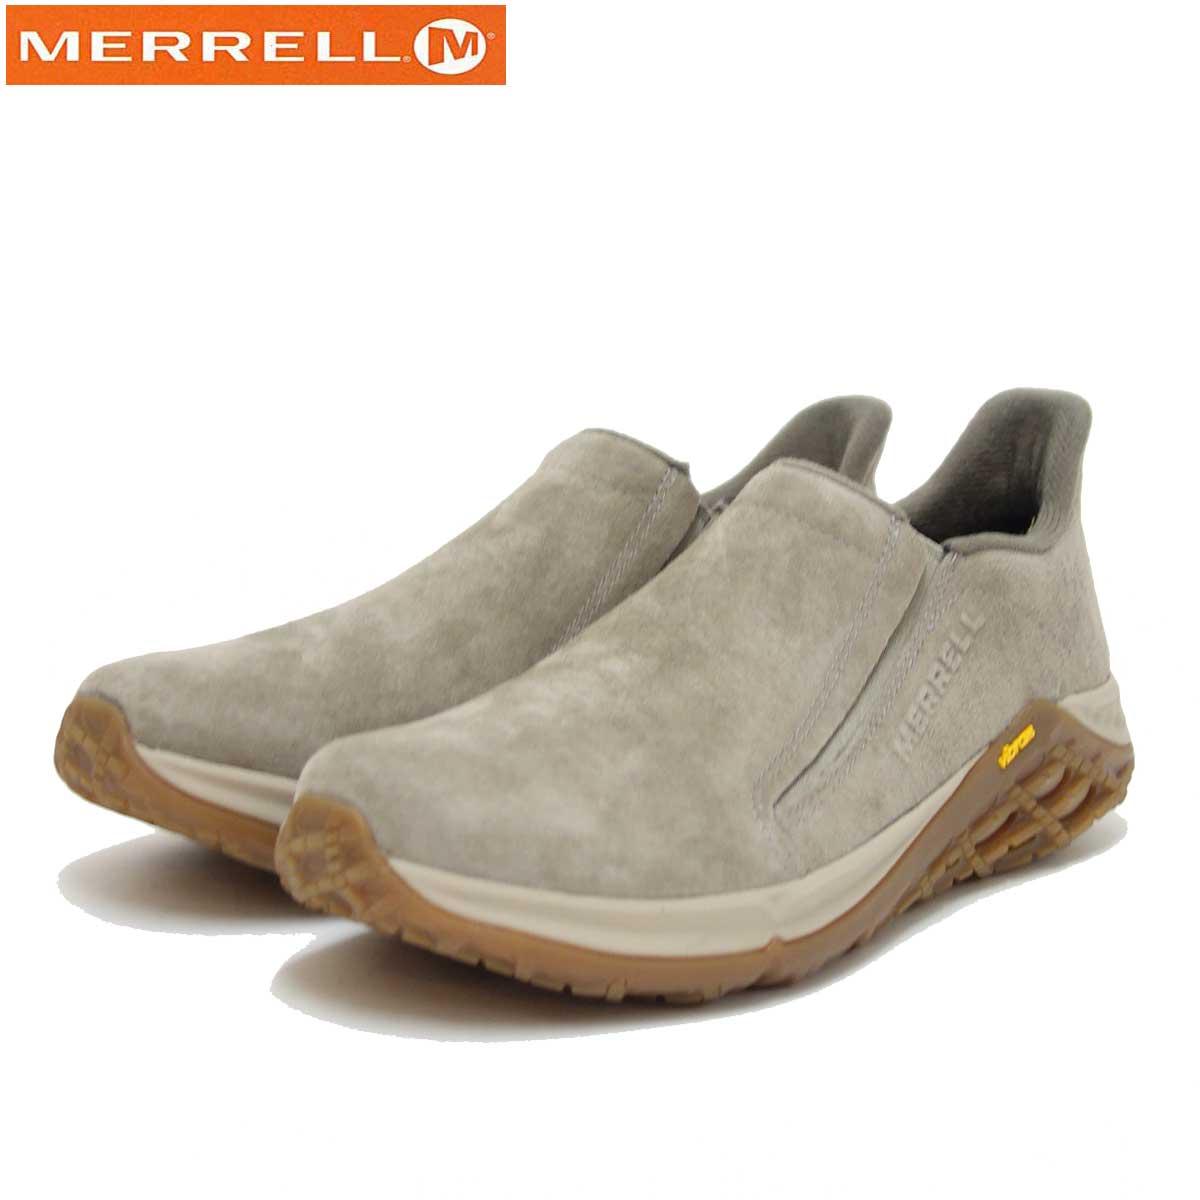 MERRELL メレル ジャングル モック 2.0 JUNGLE MOC 2.0 (レディース)90628 ブリンドル 「靴」